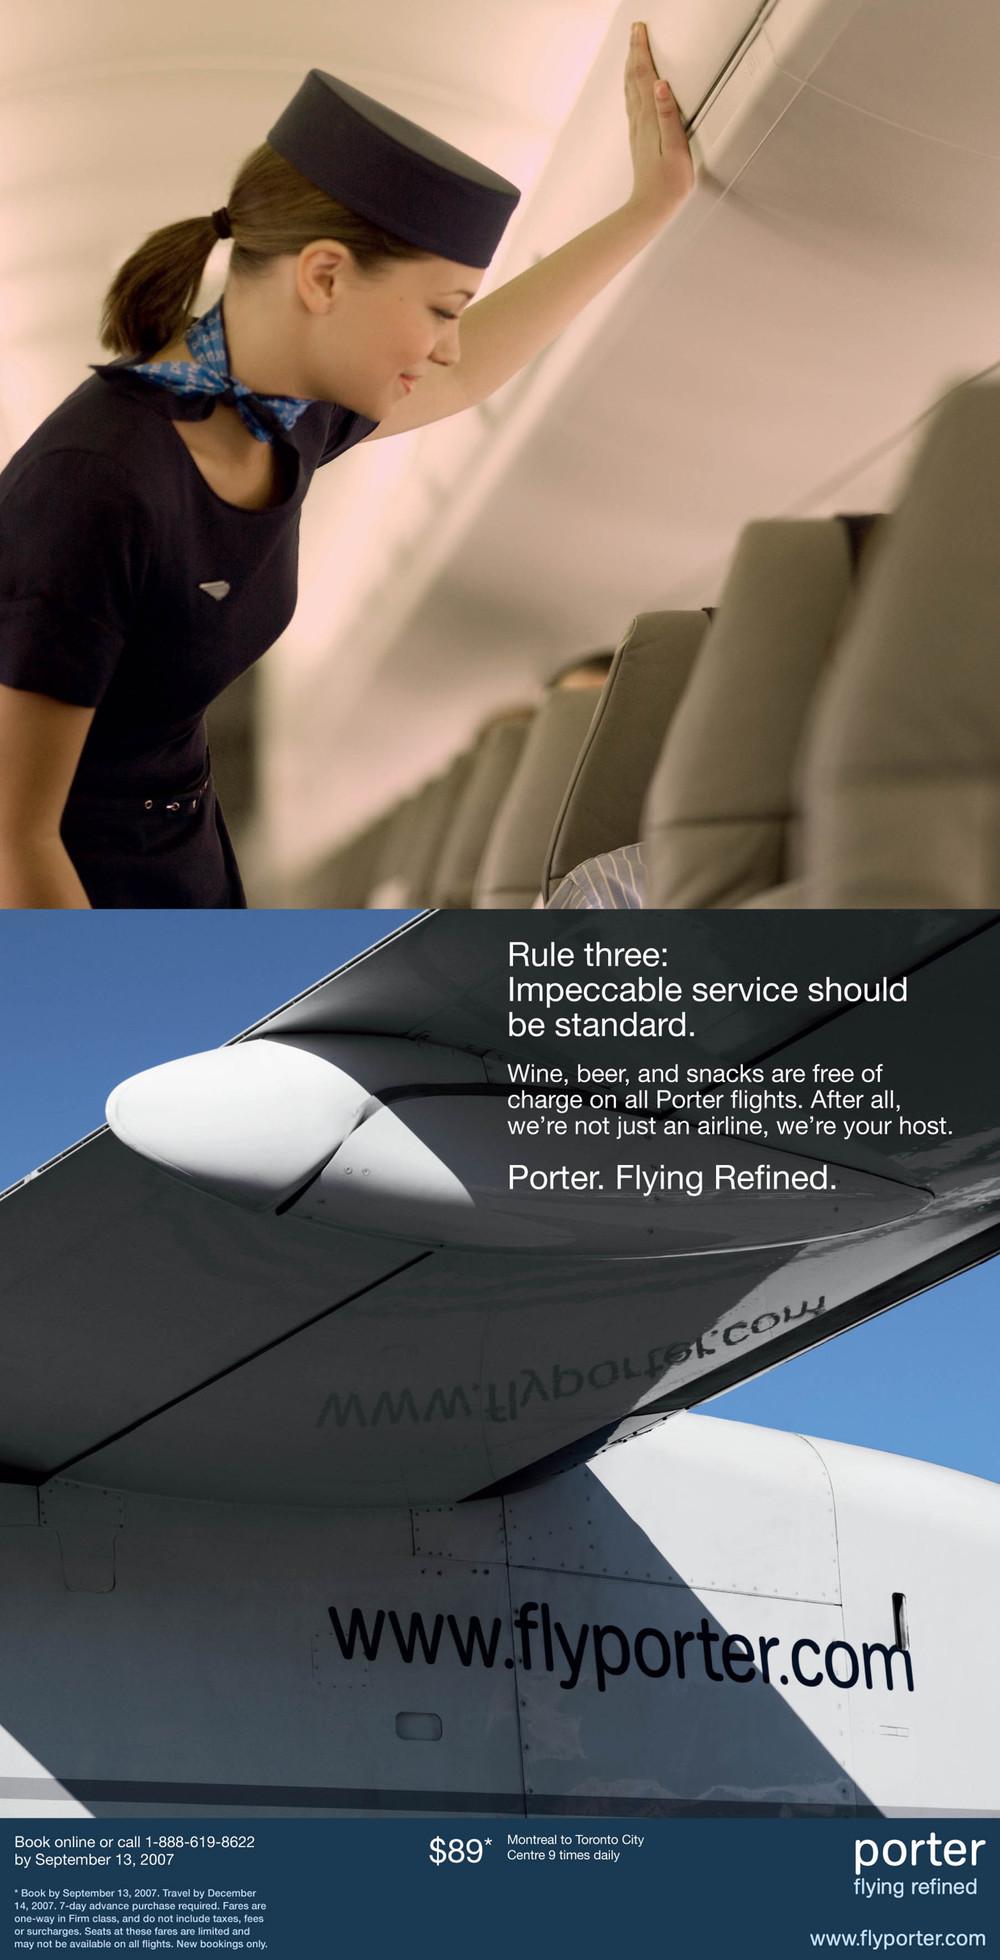 stuart-daly-porter-airlines-3.jpg